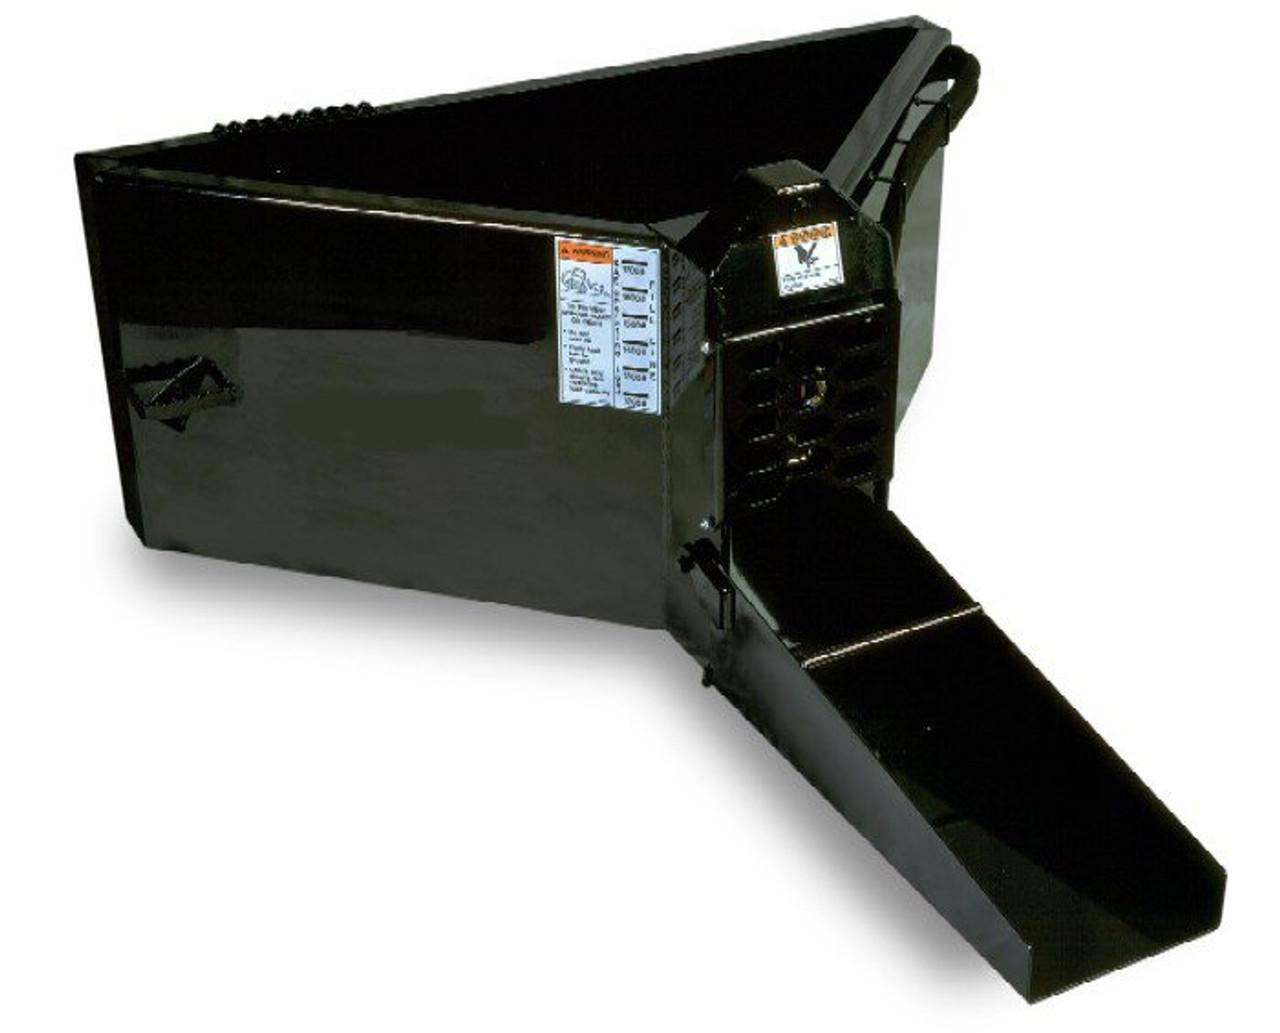 Skid Steer Concrete Chuter 1/2 Yard Capacity (Industrial Series)